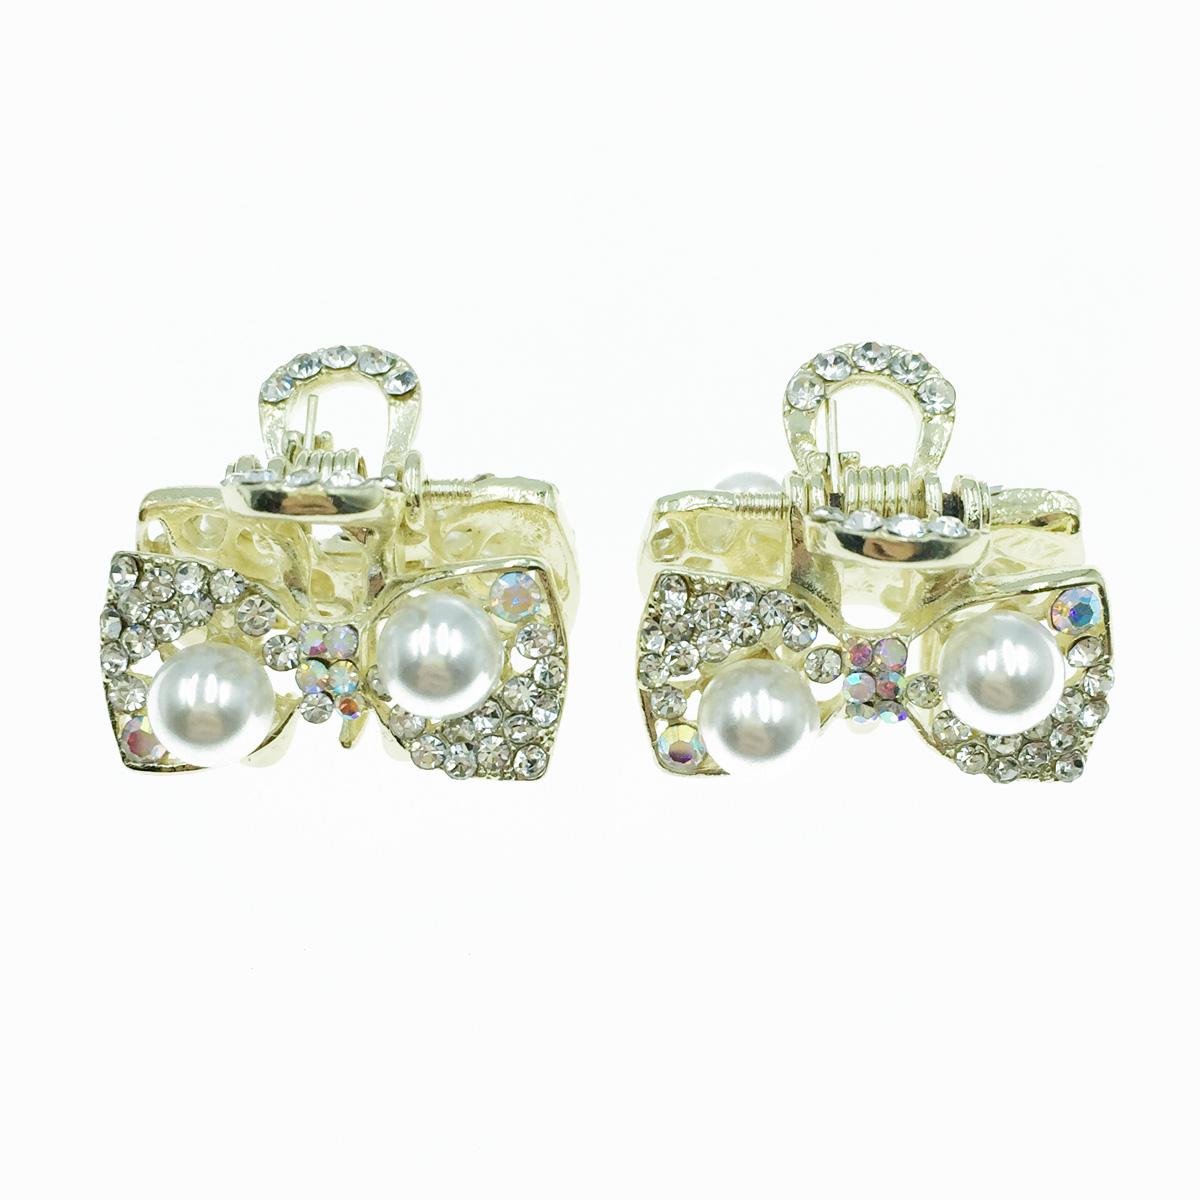 韓國 水鑽蝴蝶結 珍珠 兩入組 小抓夾 髮飾